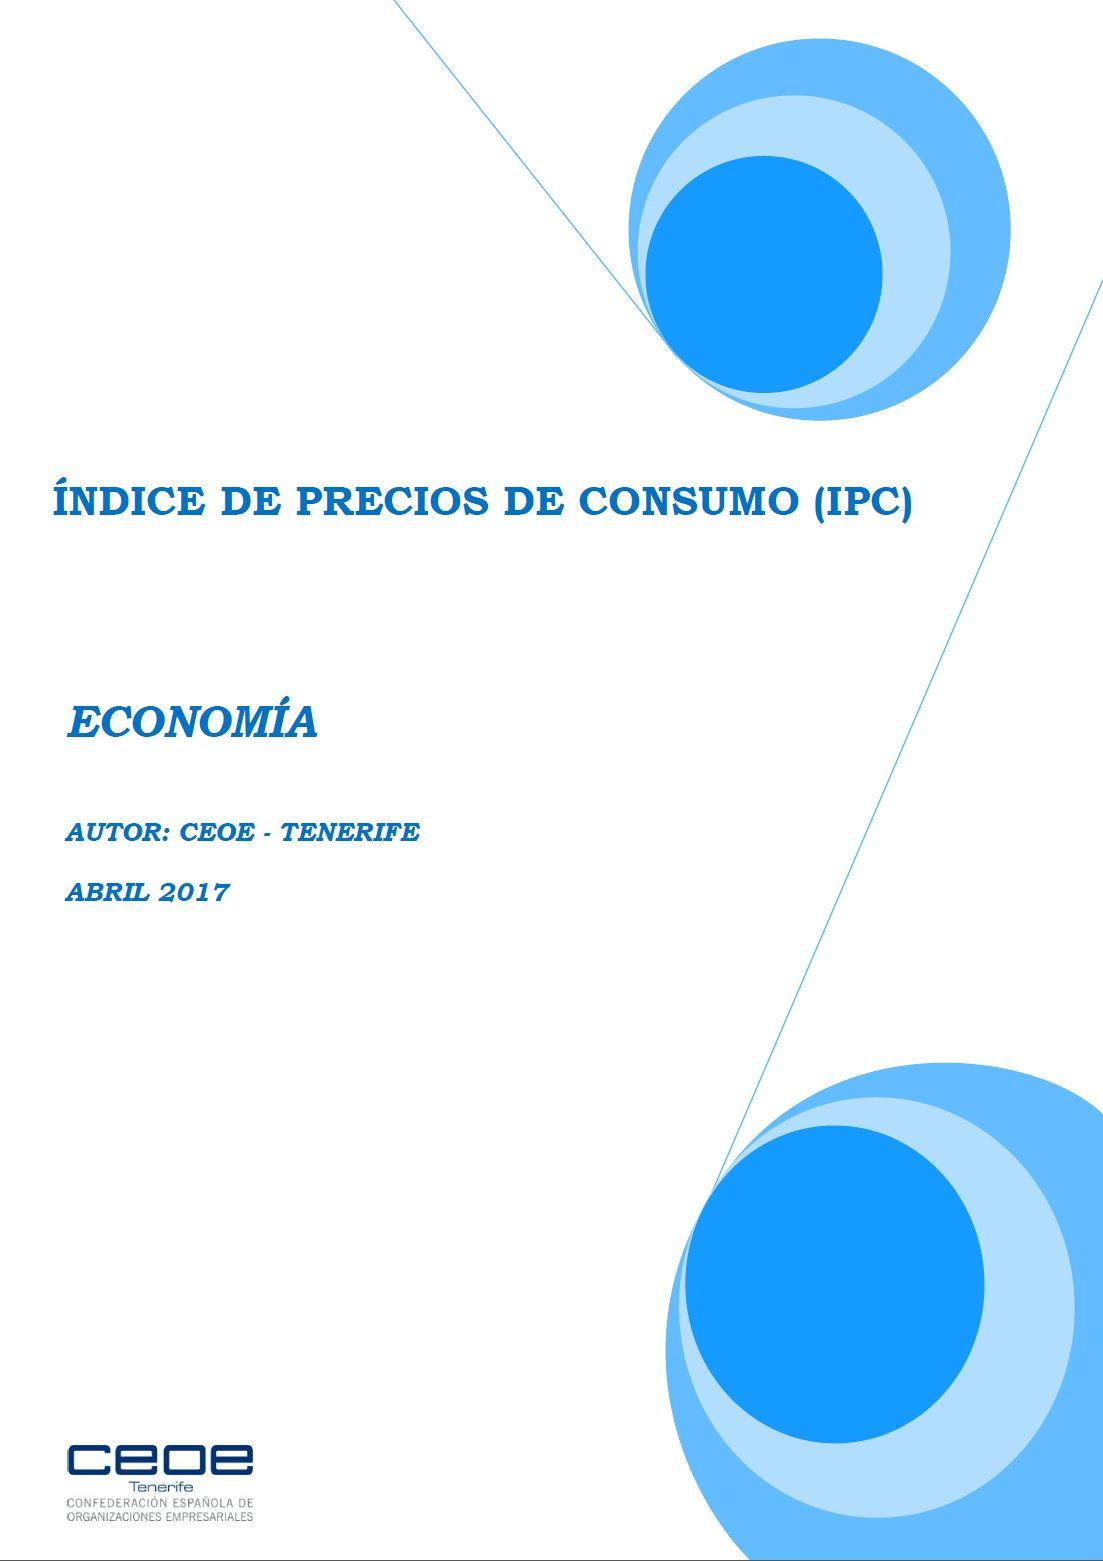 Abril IPC